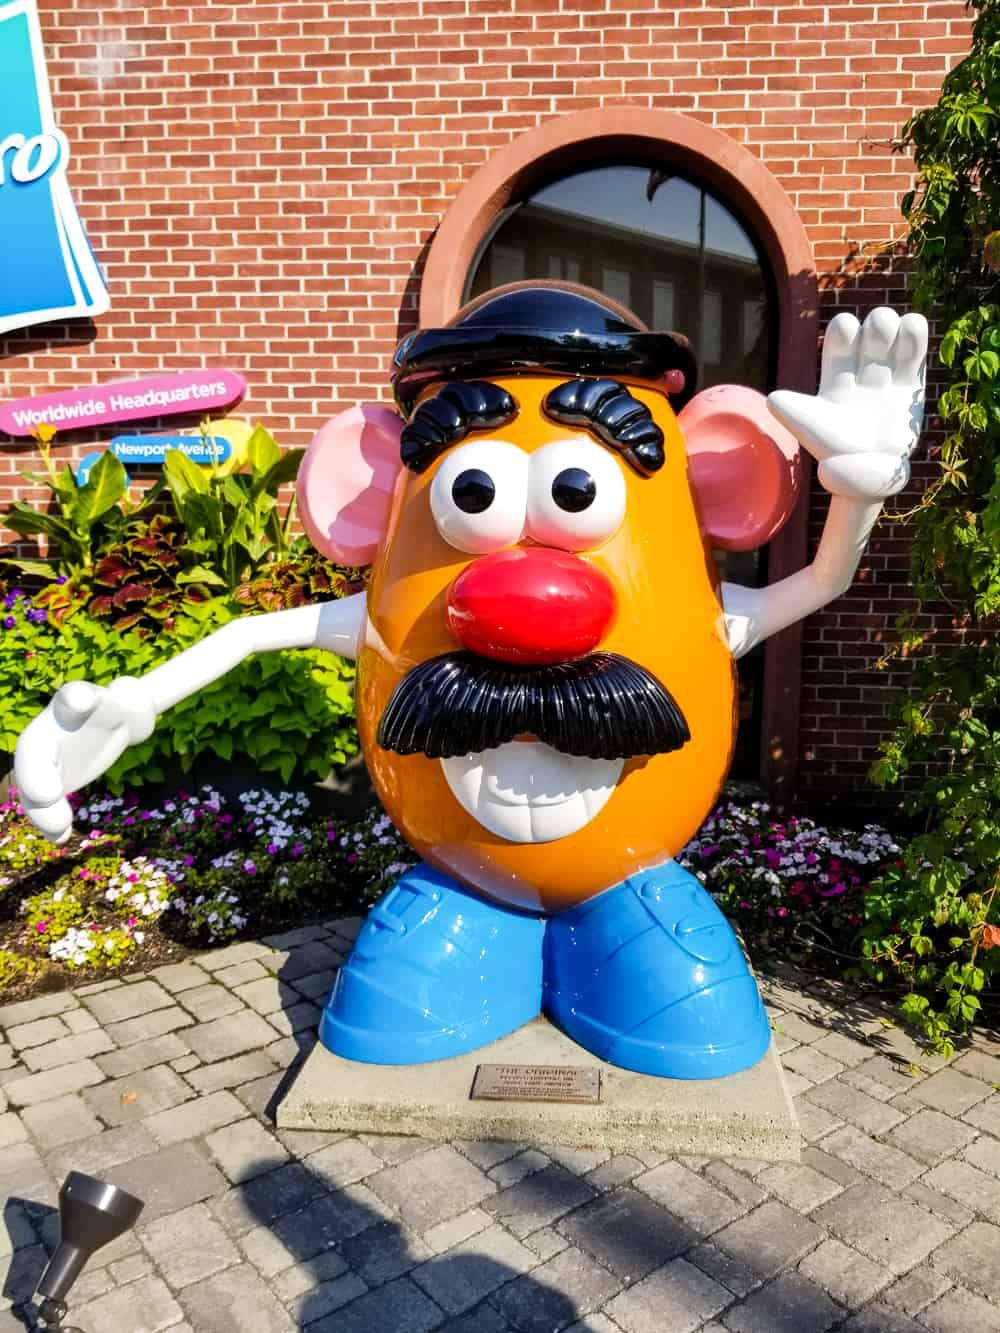 Mr. Potato Head statue at Hasbro in Rhode Island